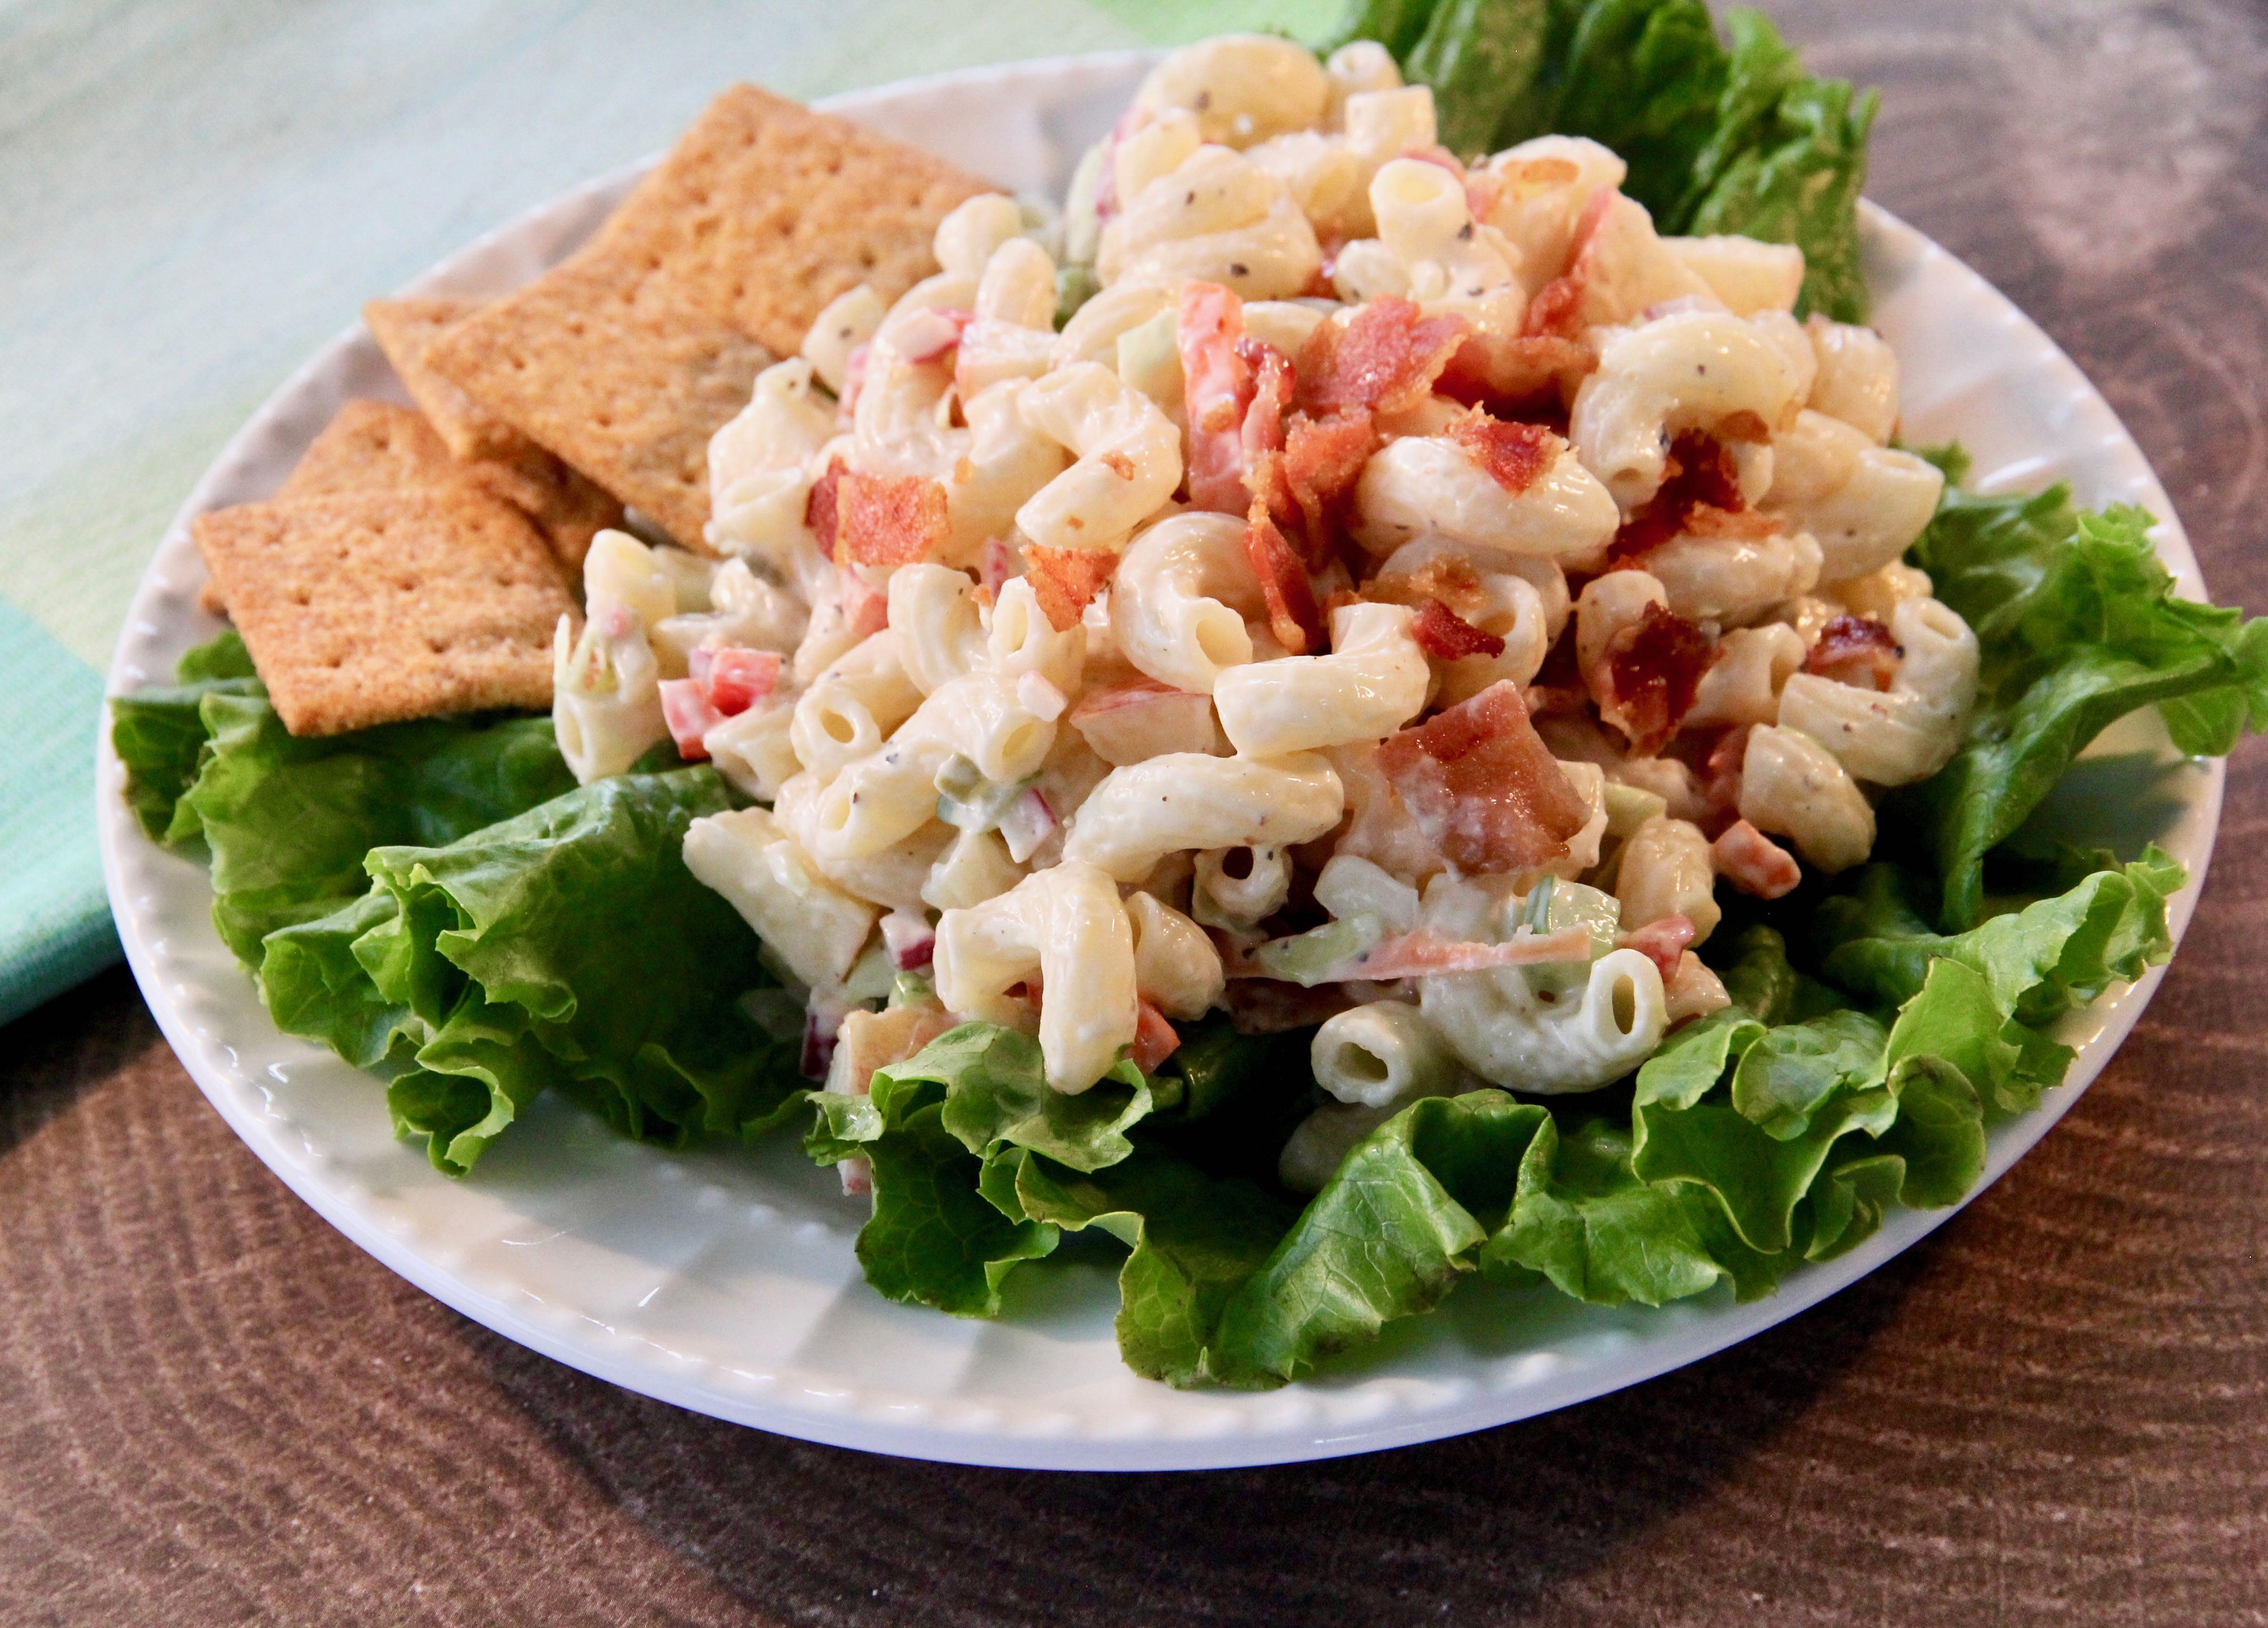 Macaroni Salad with Apples image